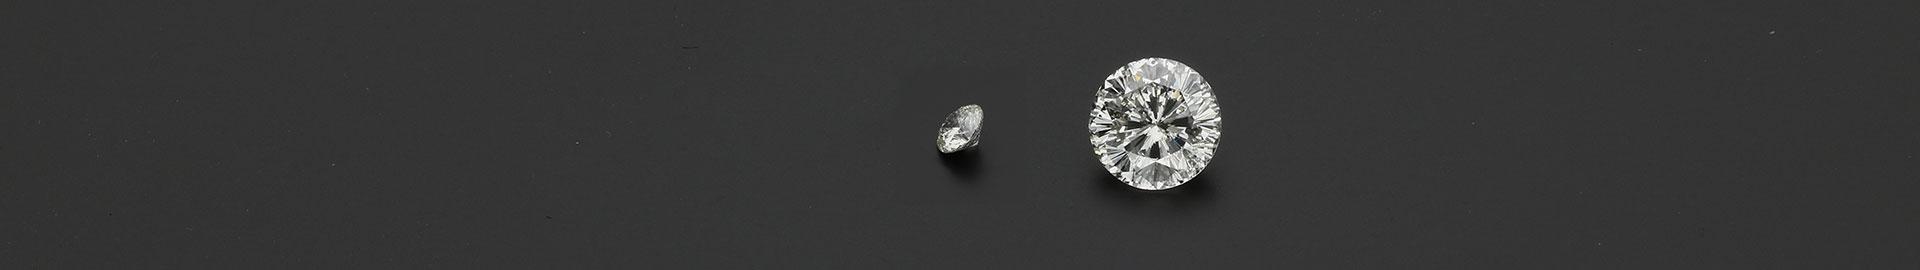 Star of Amsterdam diamant | Uniek, prachtig & speciaal Zazare Diamonds